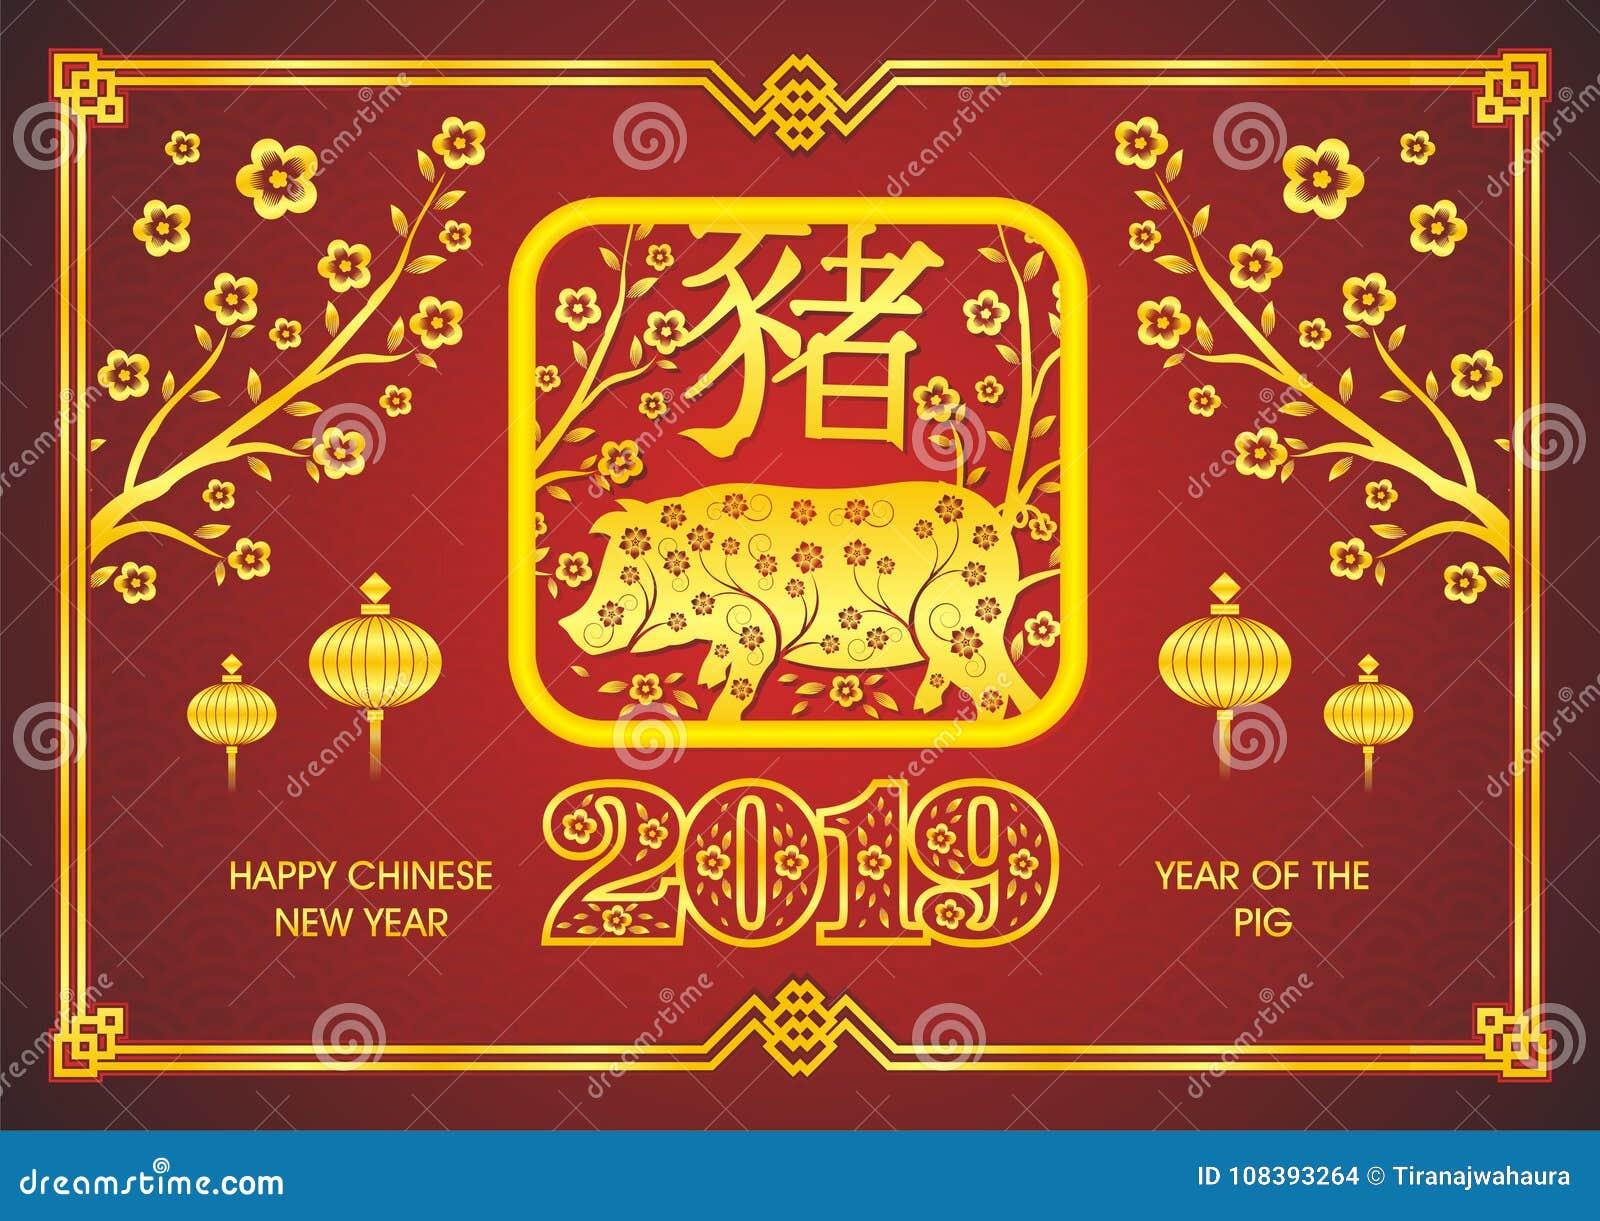 År av svinet - 2019 kinesiska nya år